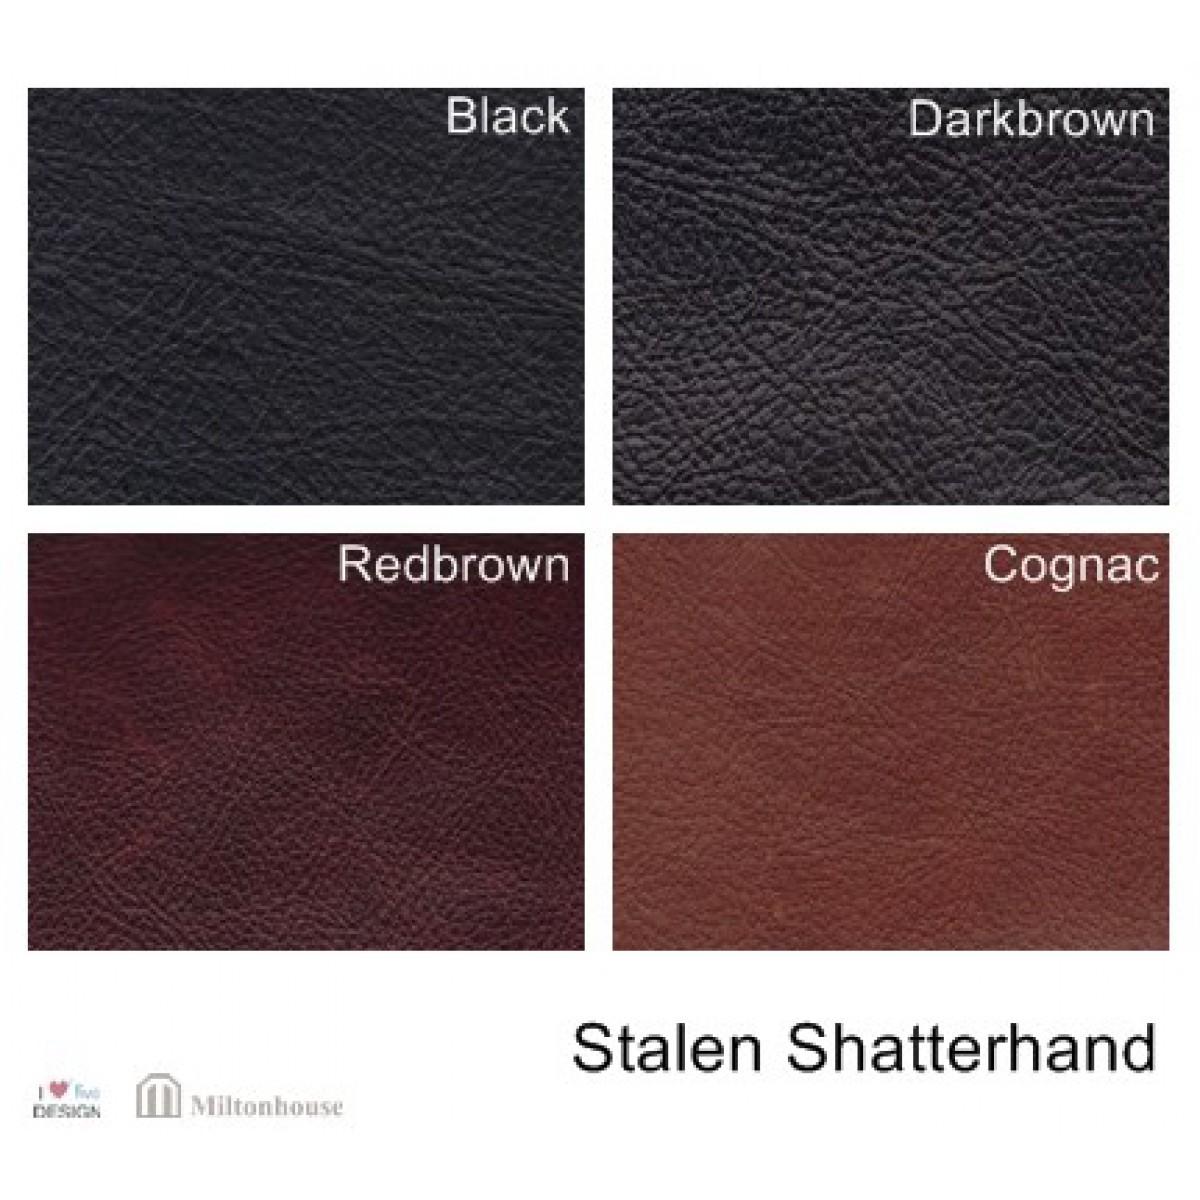 shatterhand-leer-leder-stalen